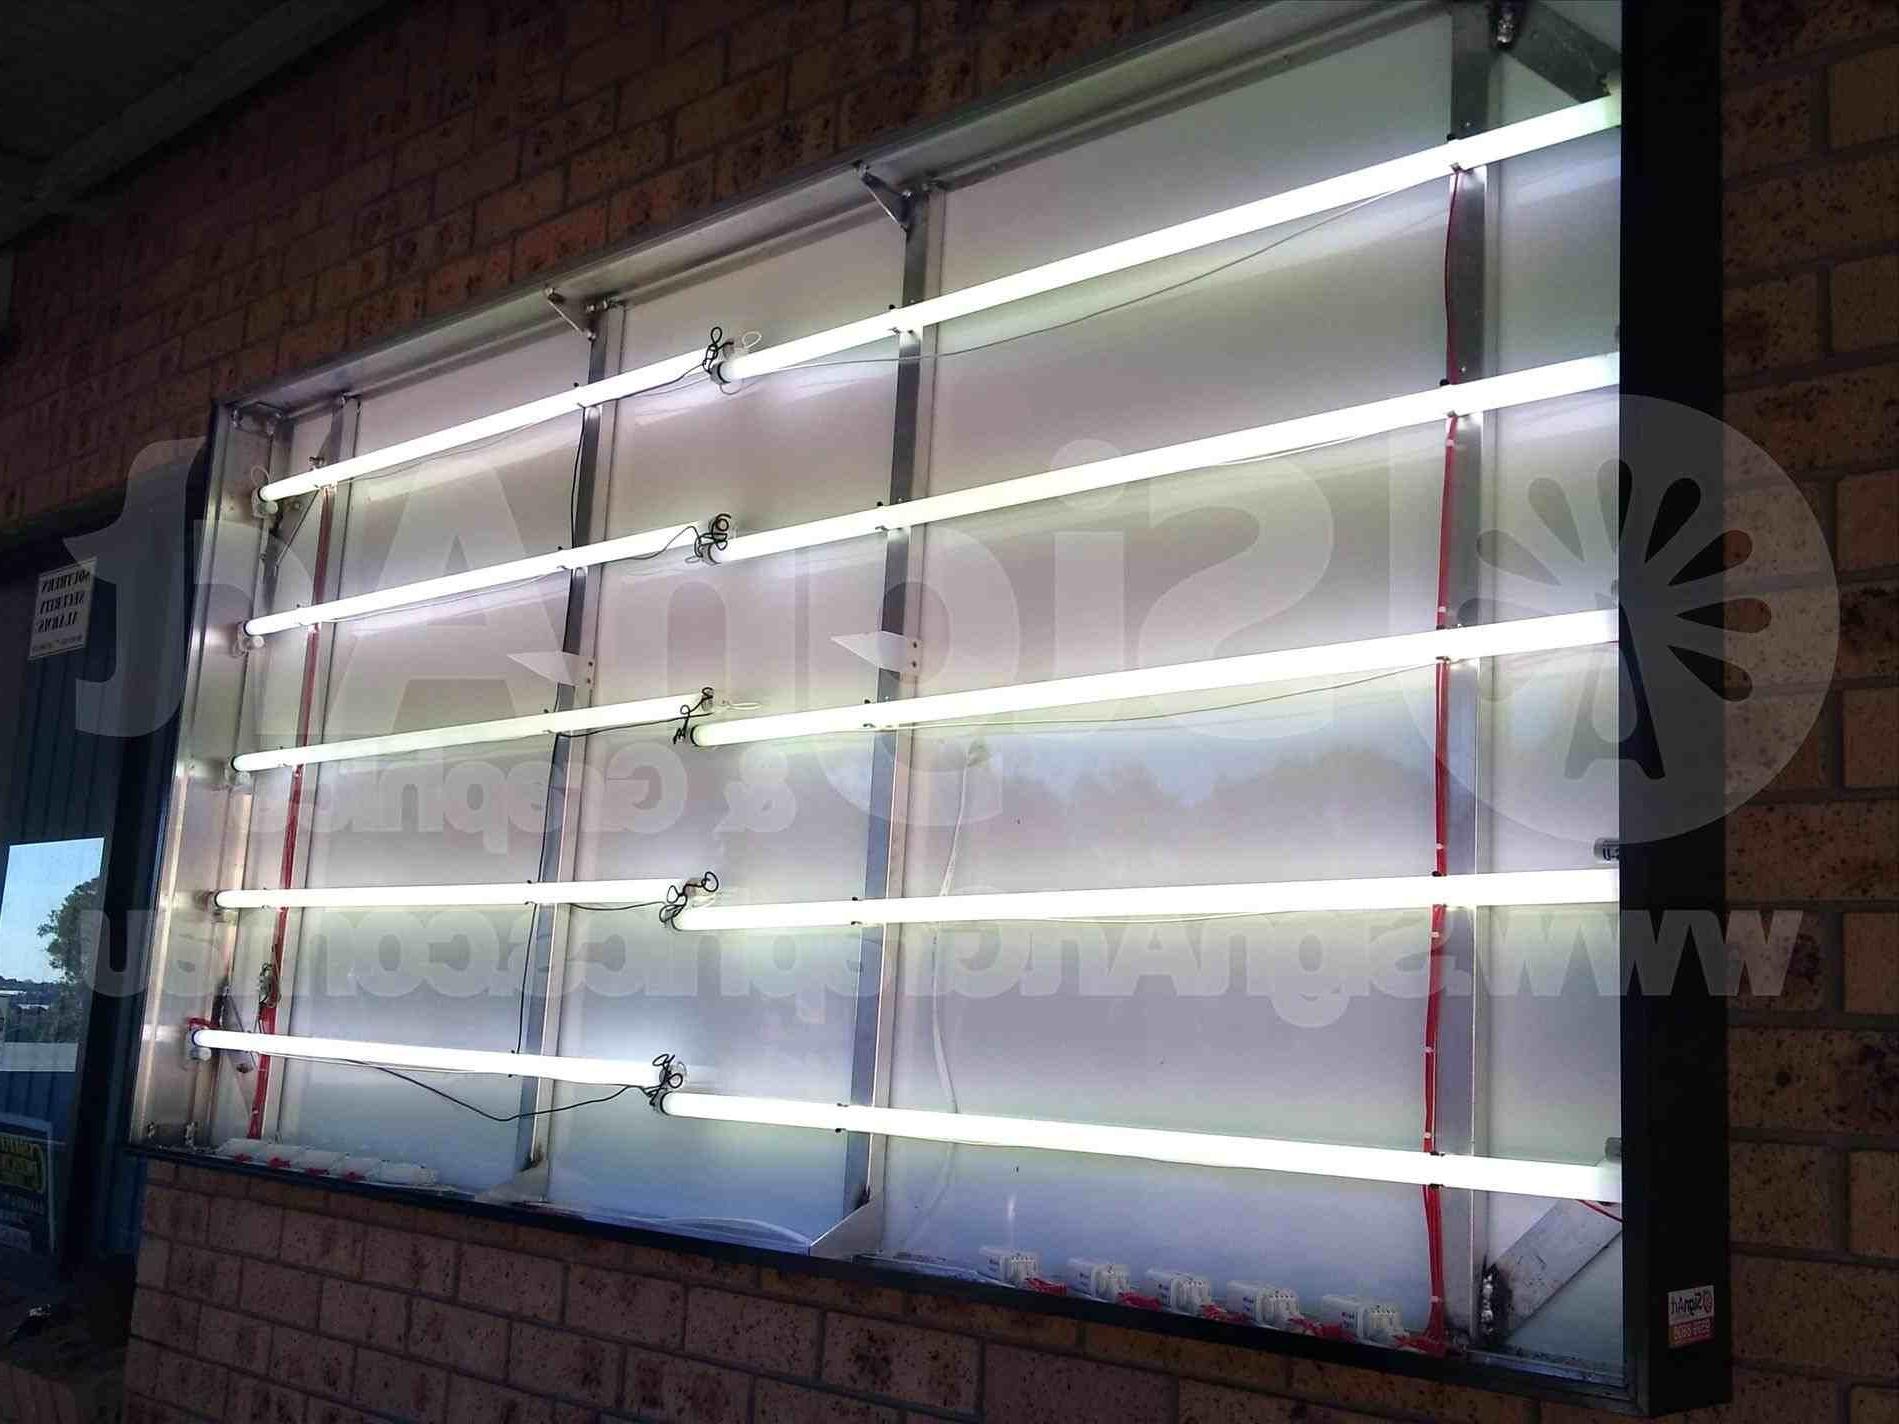 Wall Light Box Art Regarding Famous Lights U Suintramuralsinfo Wall Wall Light Box Art Art (View 12 of 15)